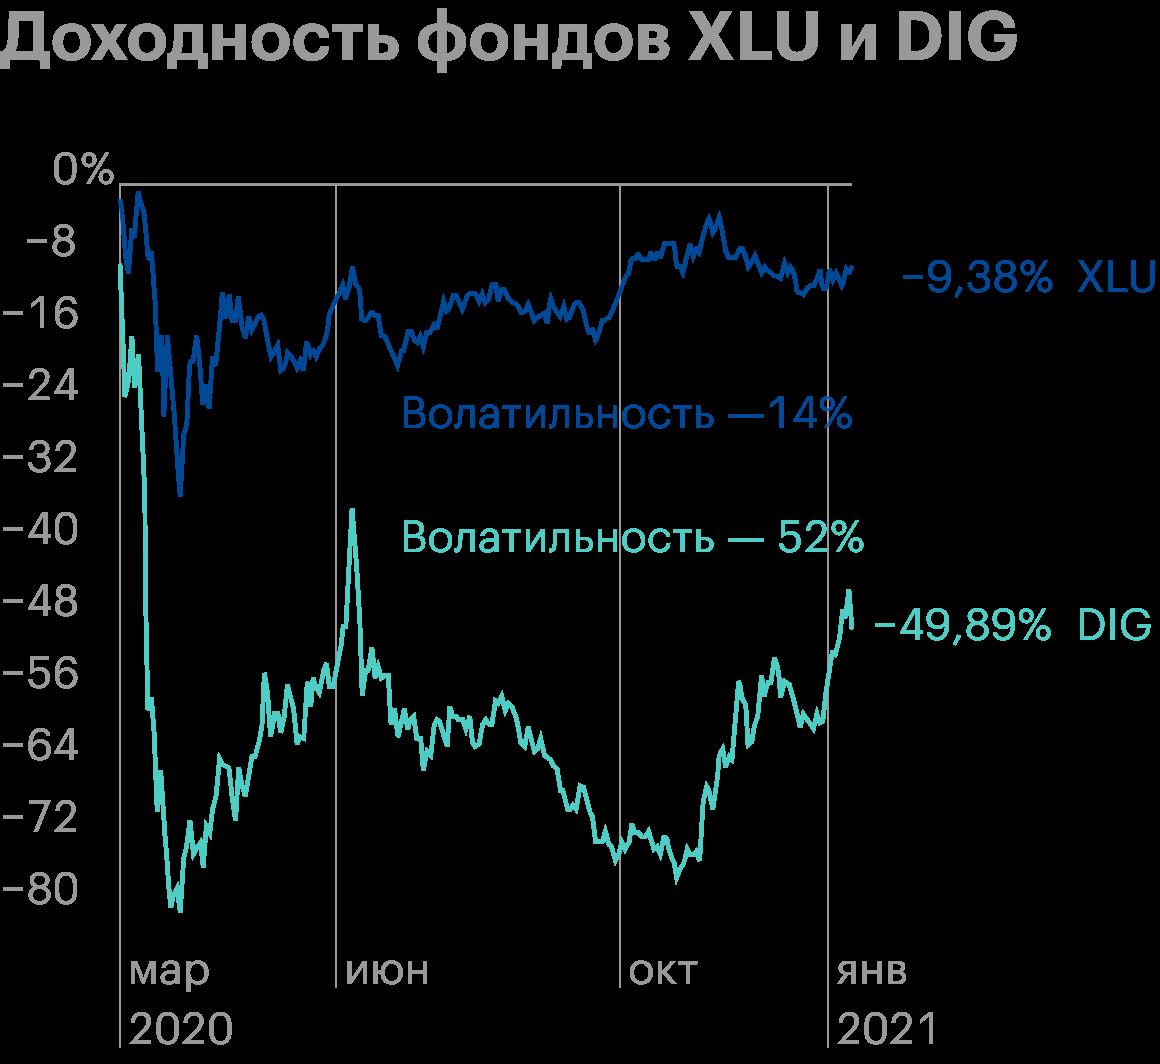 Длясравнения приведены фонды XLU и DIG. XLU инвестирует в коммунальные компании, сектор считается защитным. DIG инвестирует в нефтегазовые компании с плечом2х. Отсюда и значительная разница в волатильности. Источник: investing.com